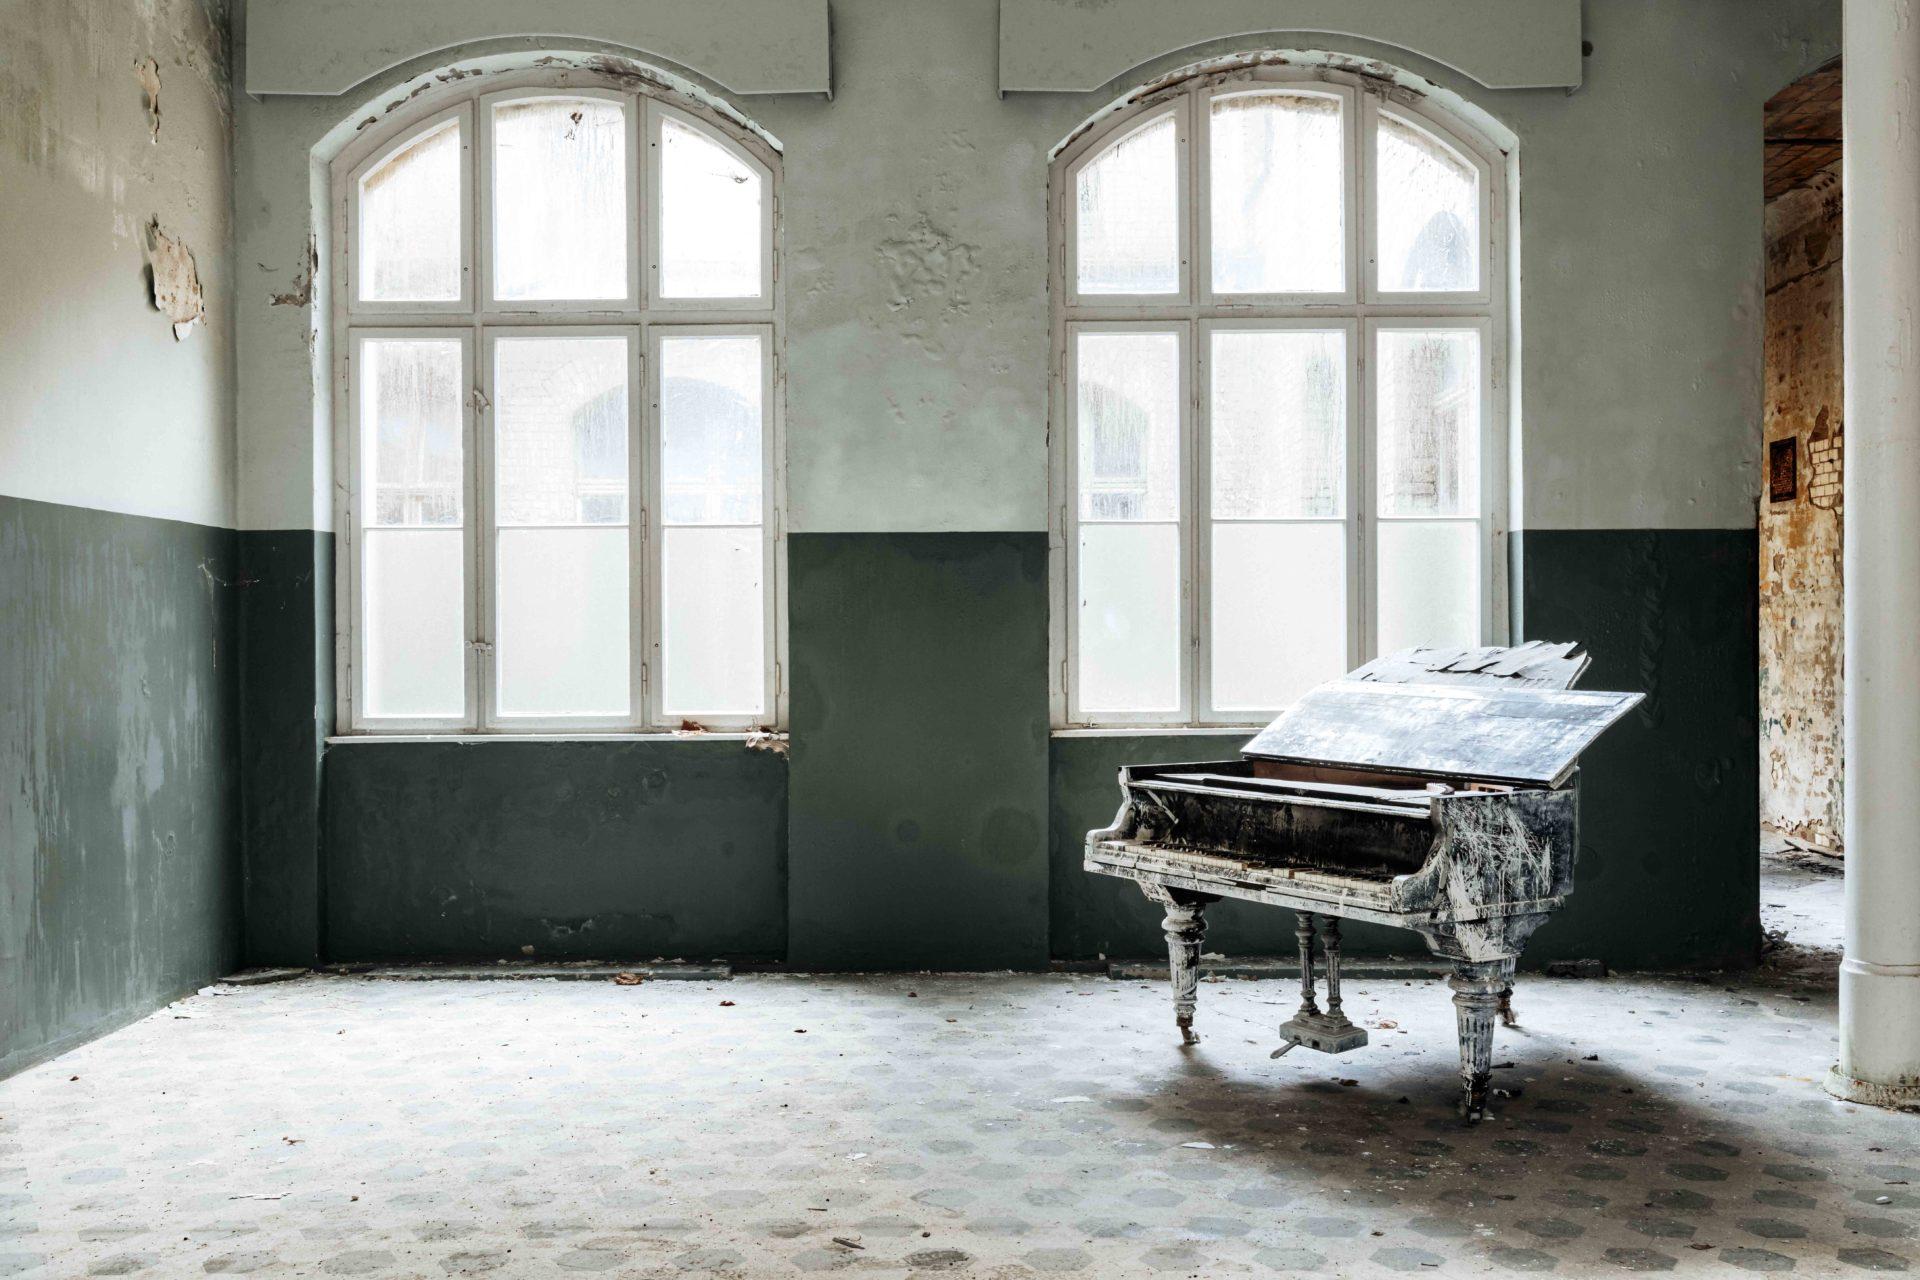 Requiem pour pianos 51 | Serie Requiem pour pianos | Romain Thiery | Germany